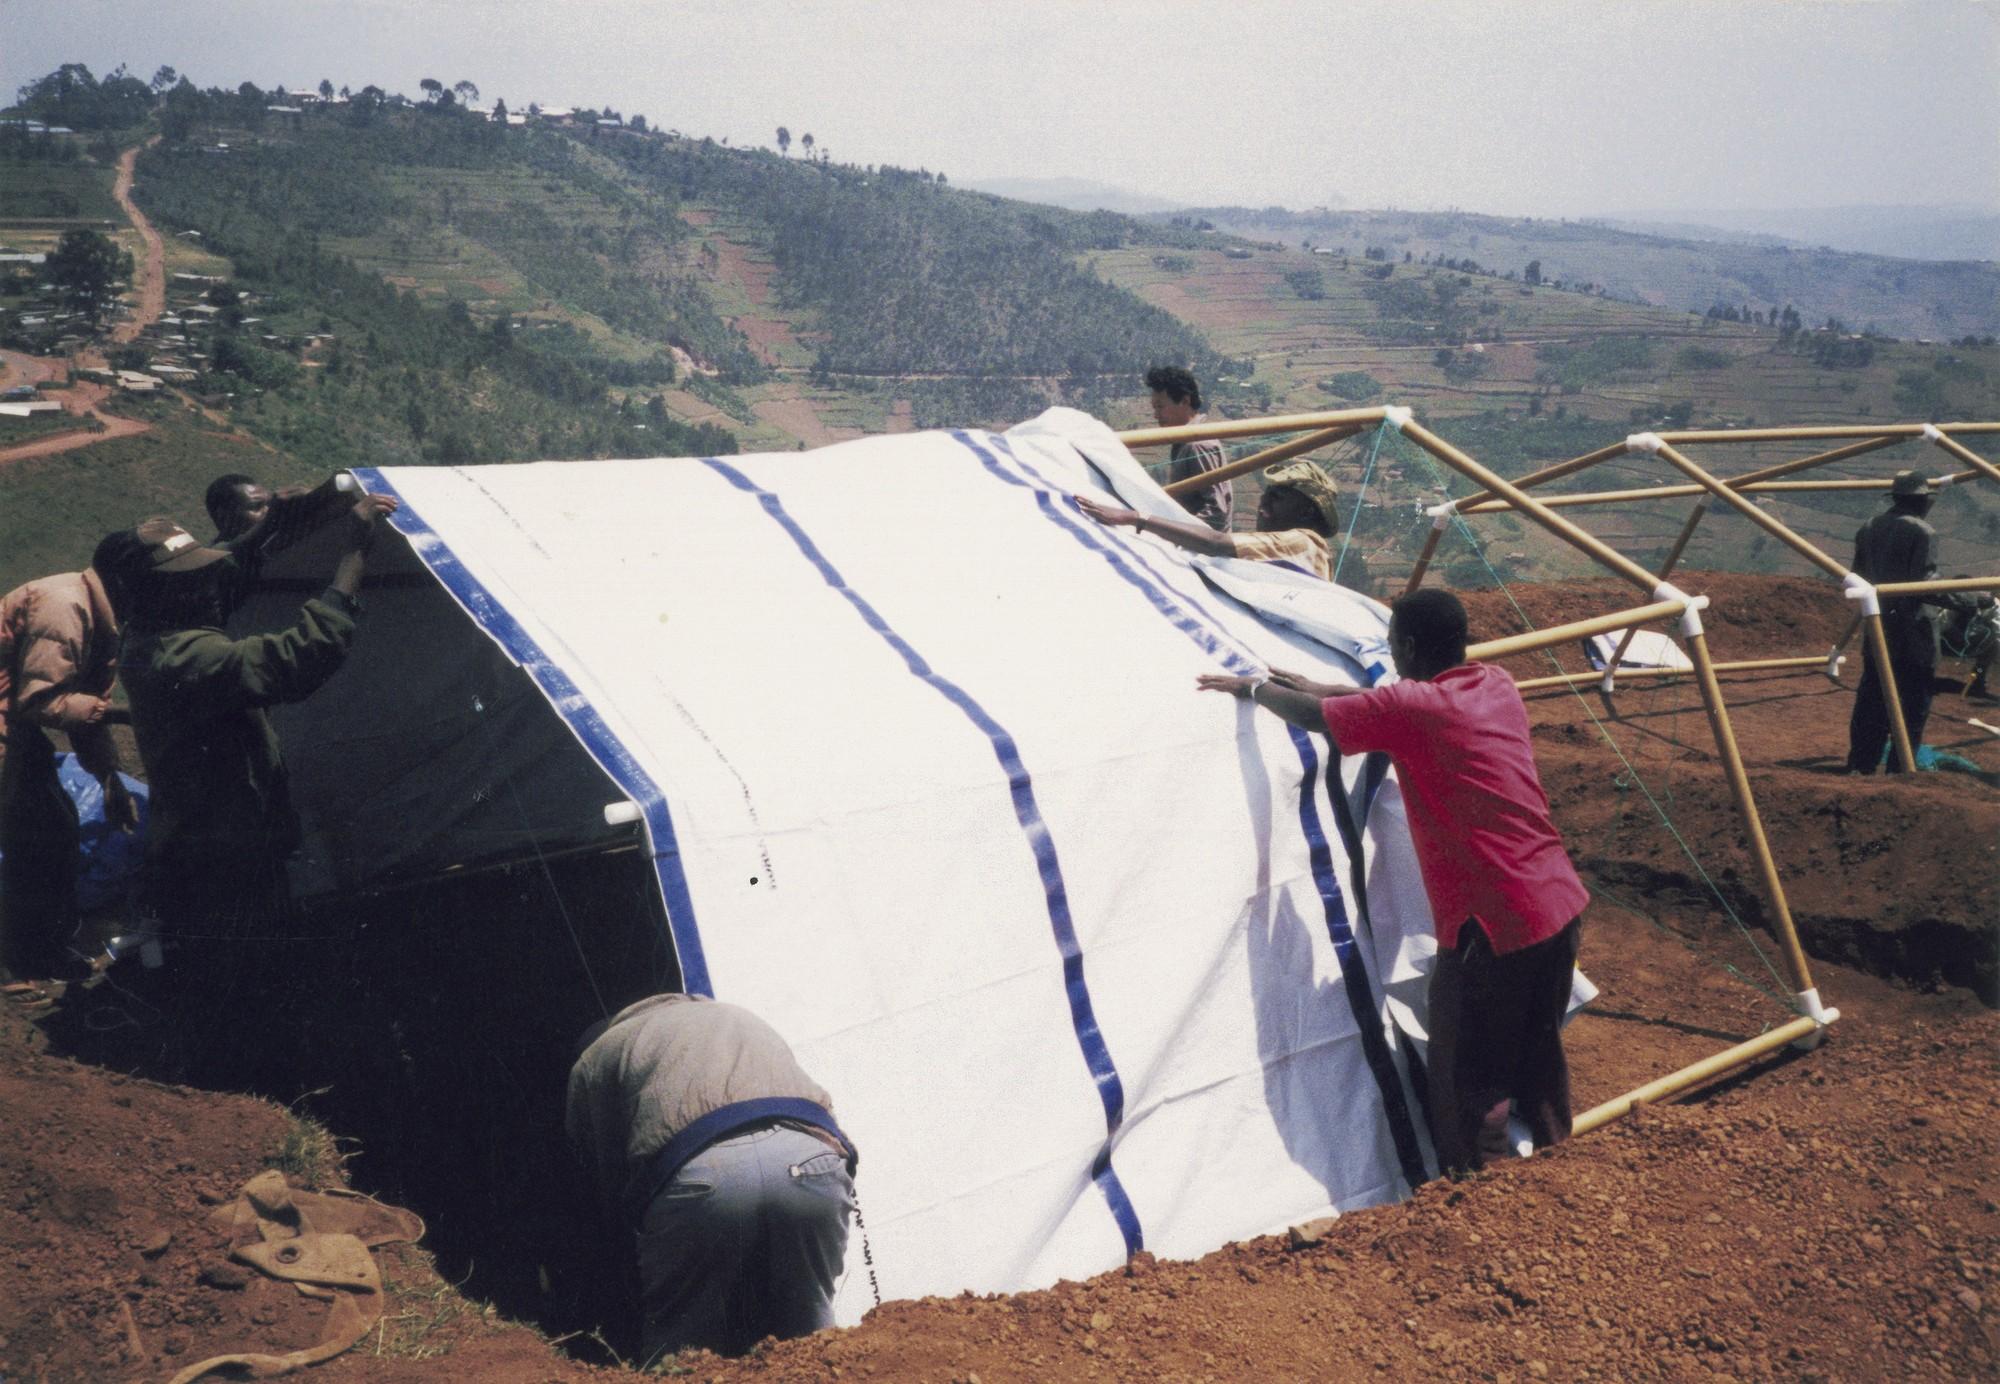 Refugio de emergencia de papel para las Naciones Unidas. Cortesía de Shigeru Ban Architects